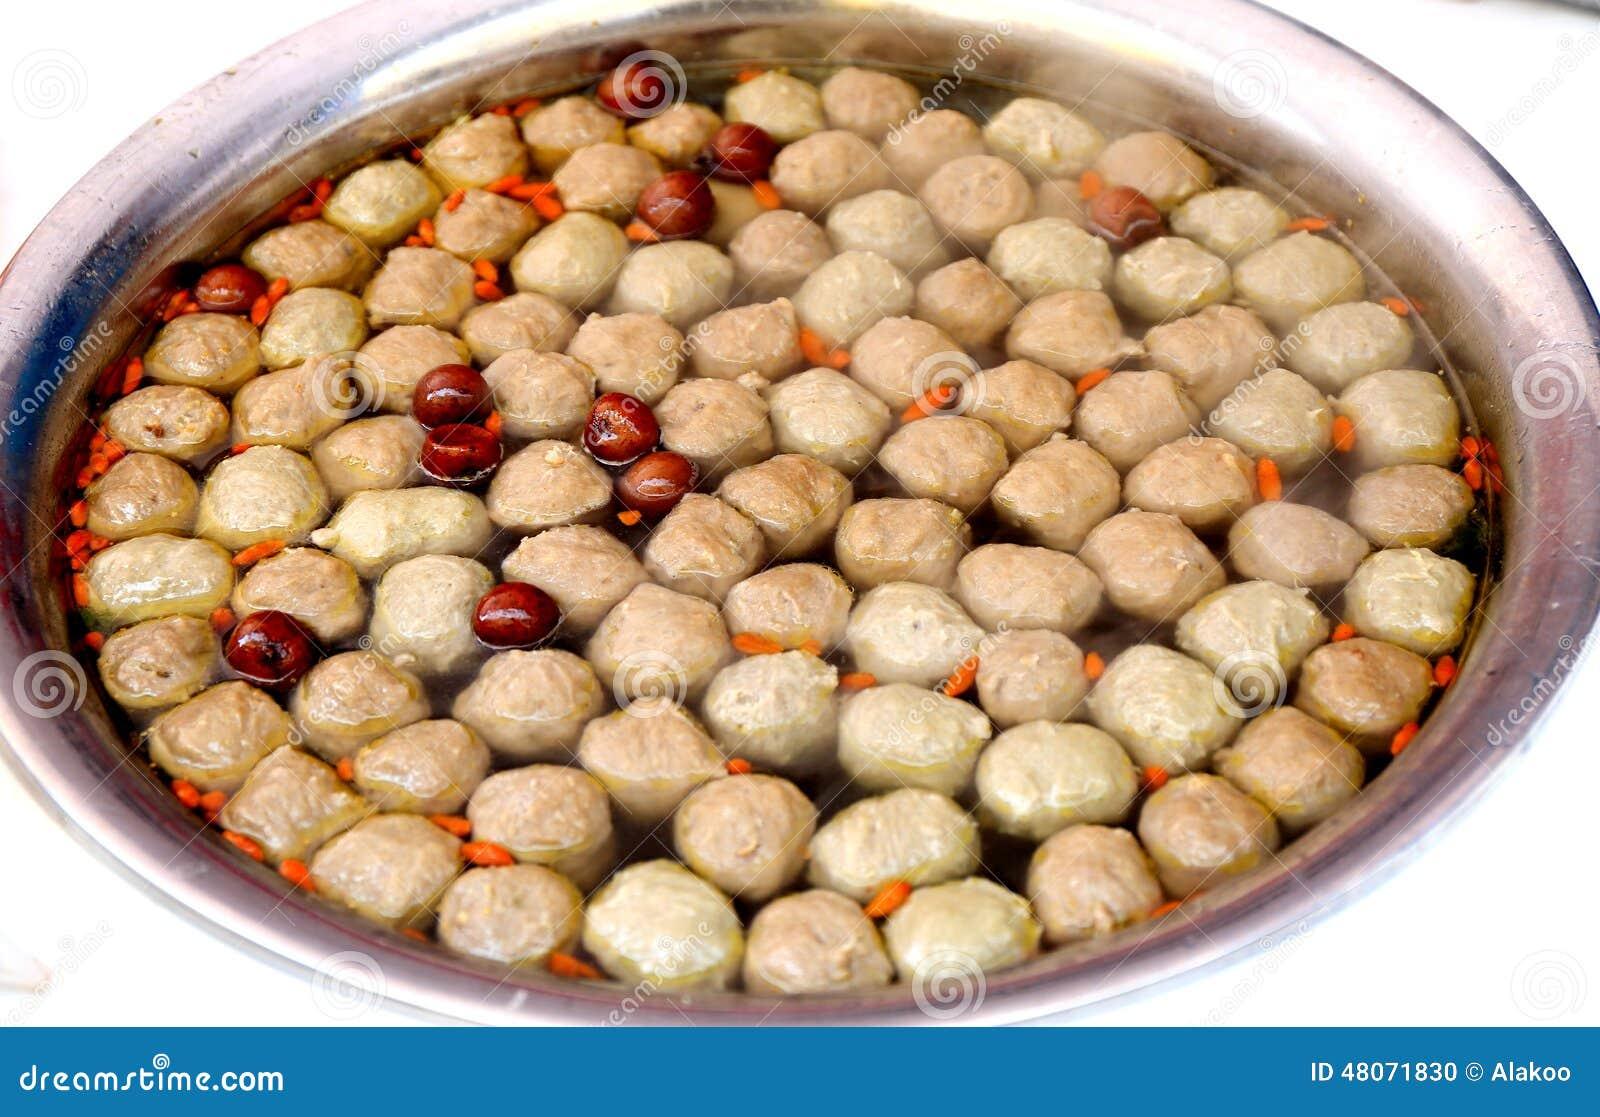 soupe boulette de viande boule de viande cuite cuisine chinoise asiatique exotique - Cuisine Asiatique Chinois